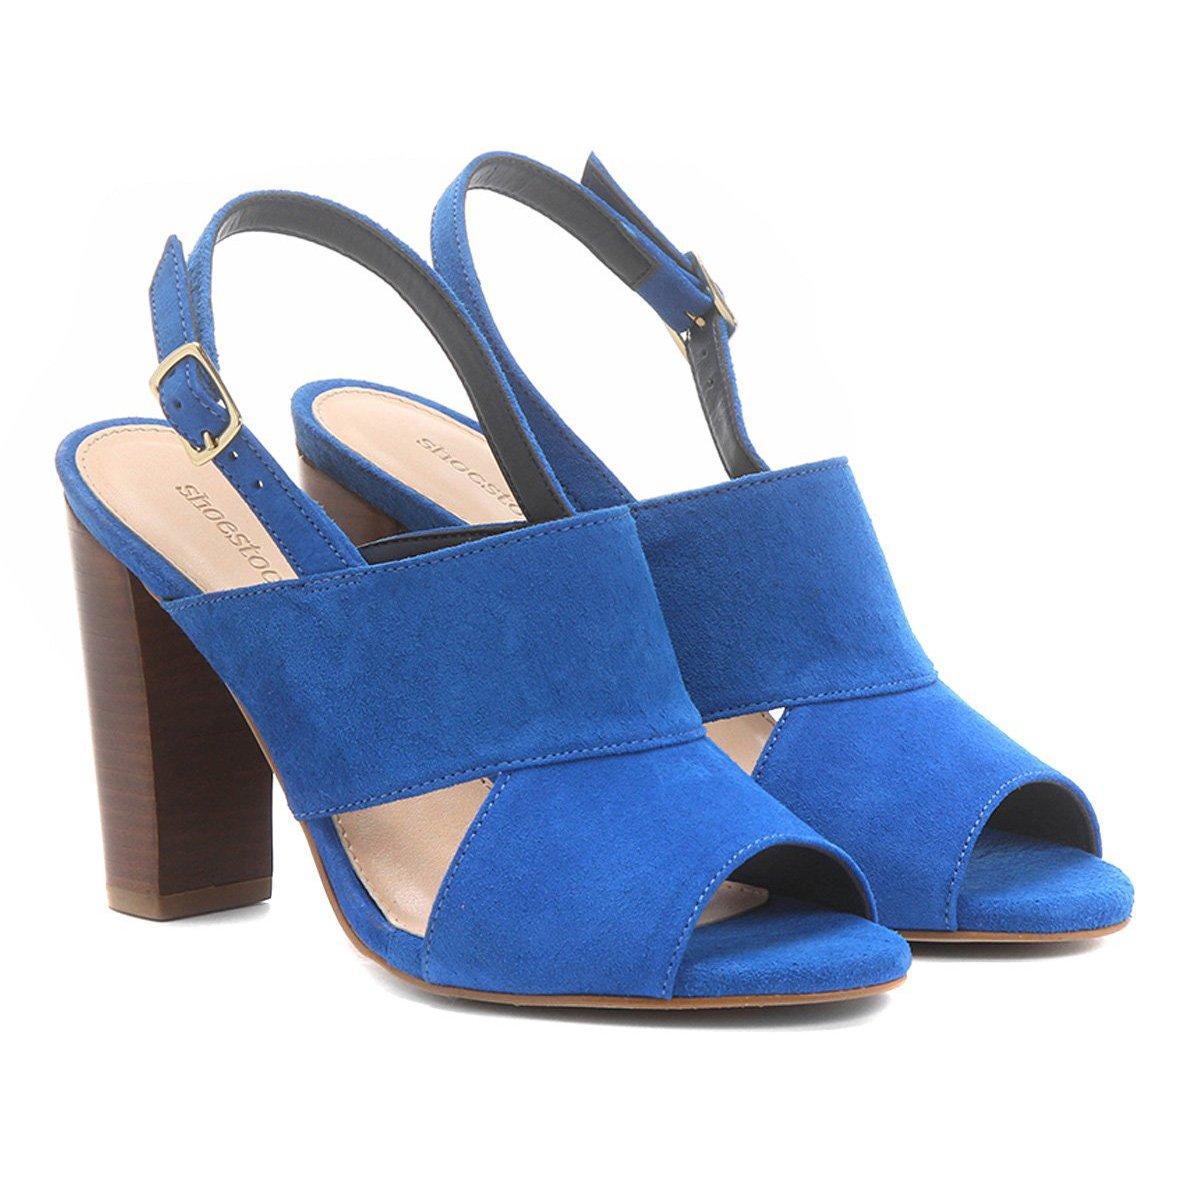 cdb04f9e27 Sandália Couro Shoestock Salto Grosso Camurça Feminina | Shoestock